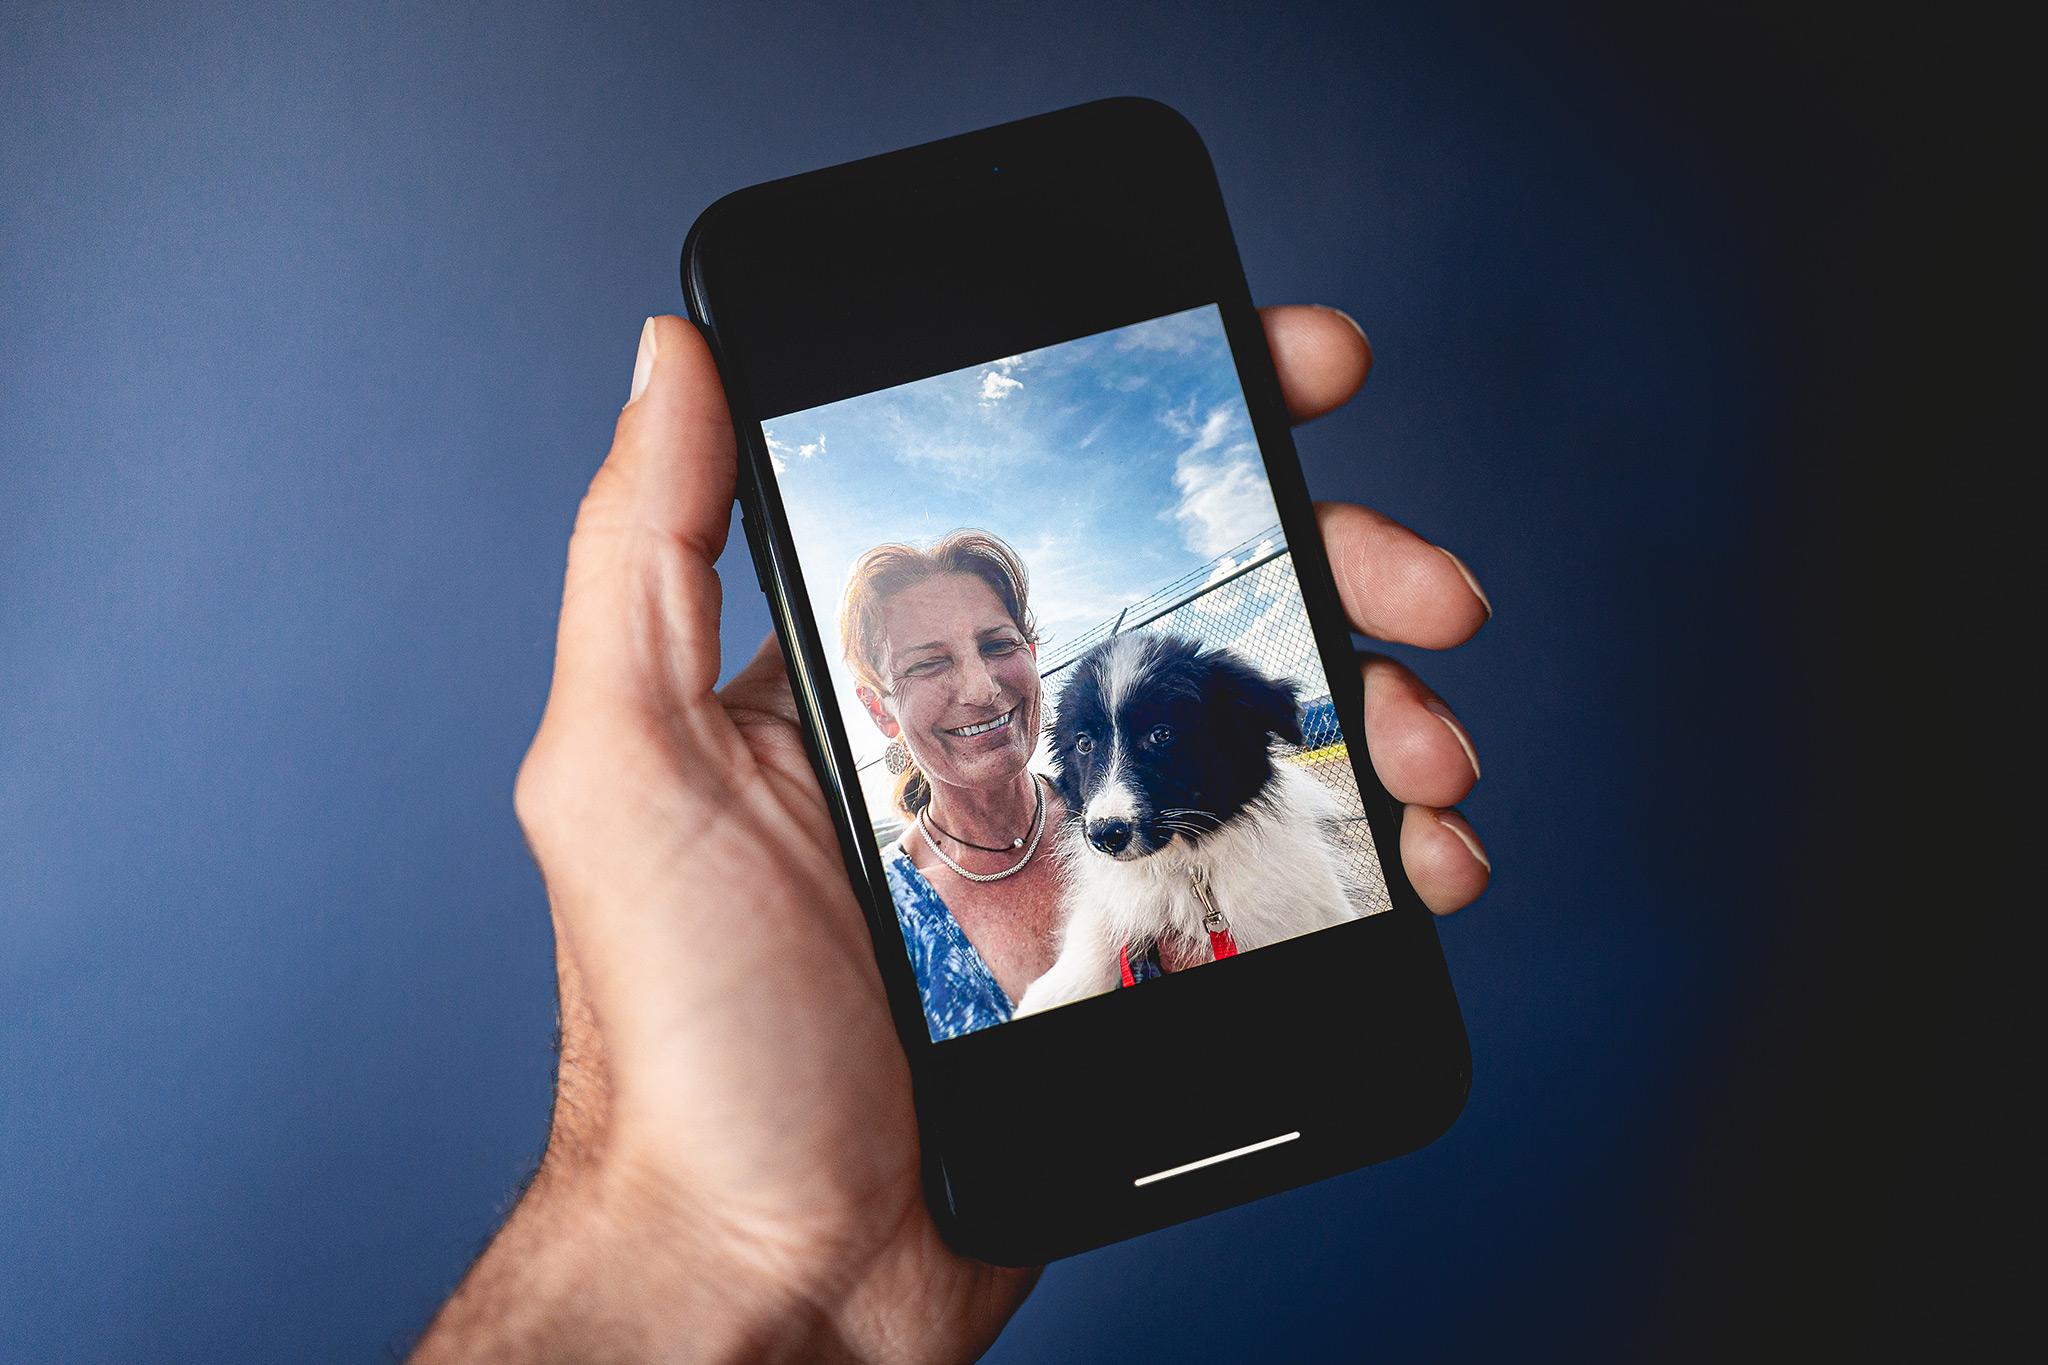 08|06|2021 – Gut angekommen: das erste gemeinsame Selfie von Kathy und Ruffian